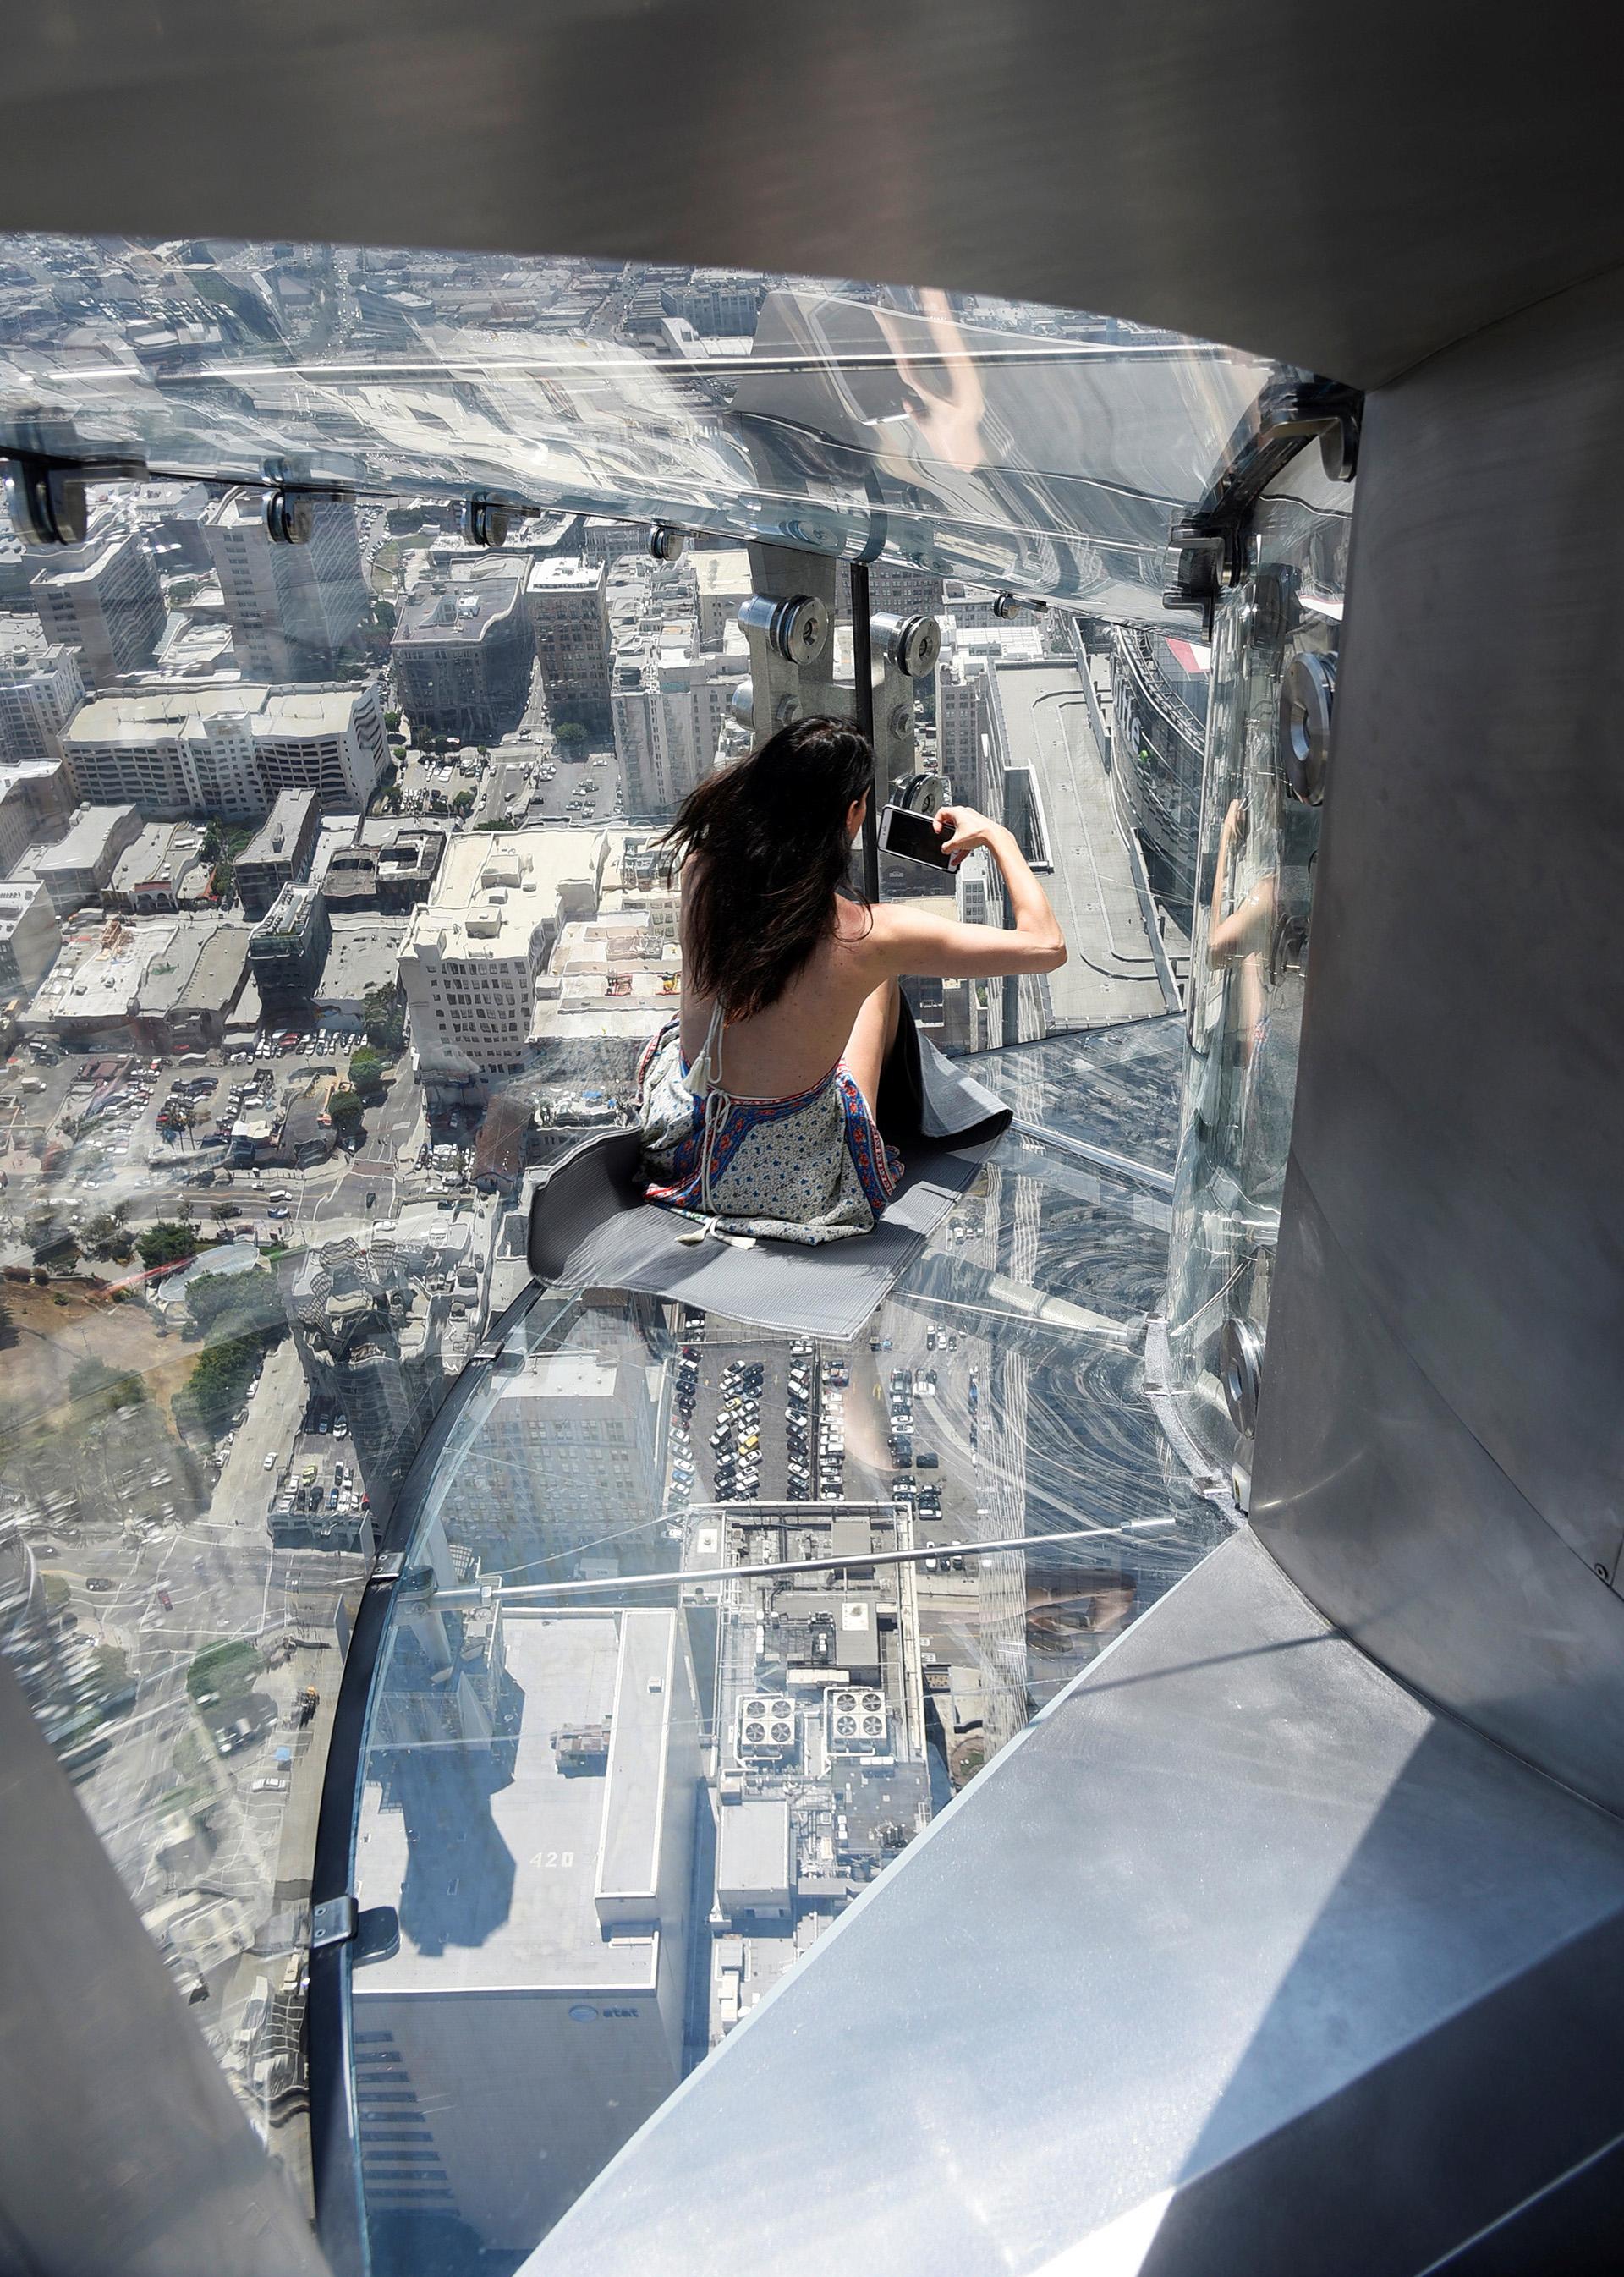 a torre más famosa de la ciudad de Los Angeles, en Estados Unidos, la US Bank Tower, es especialmente conocida por su aparición constante en películas de acción (REUTERS)